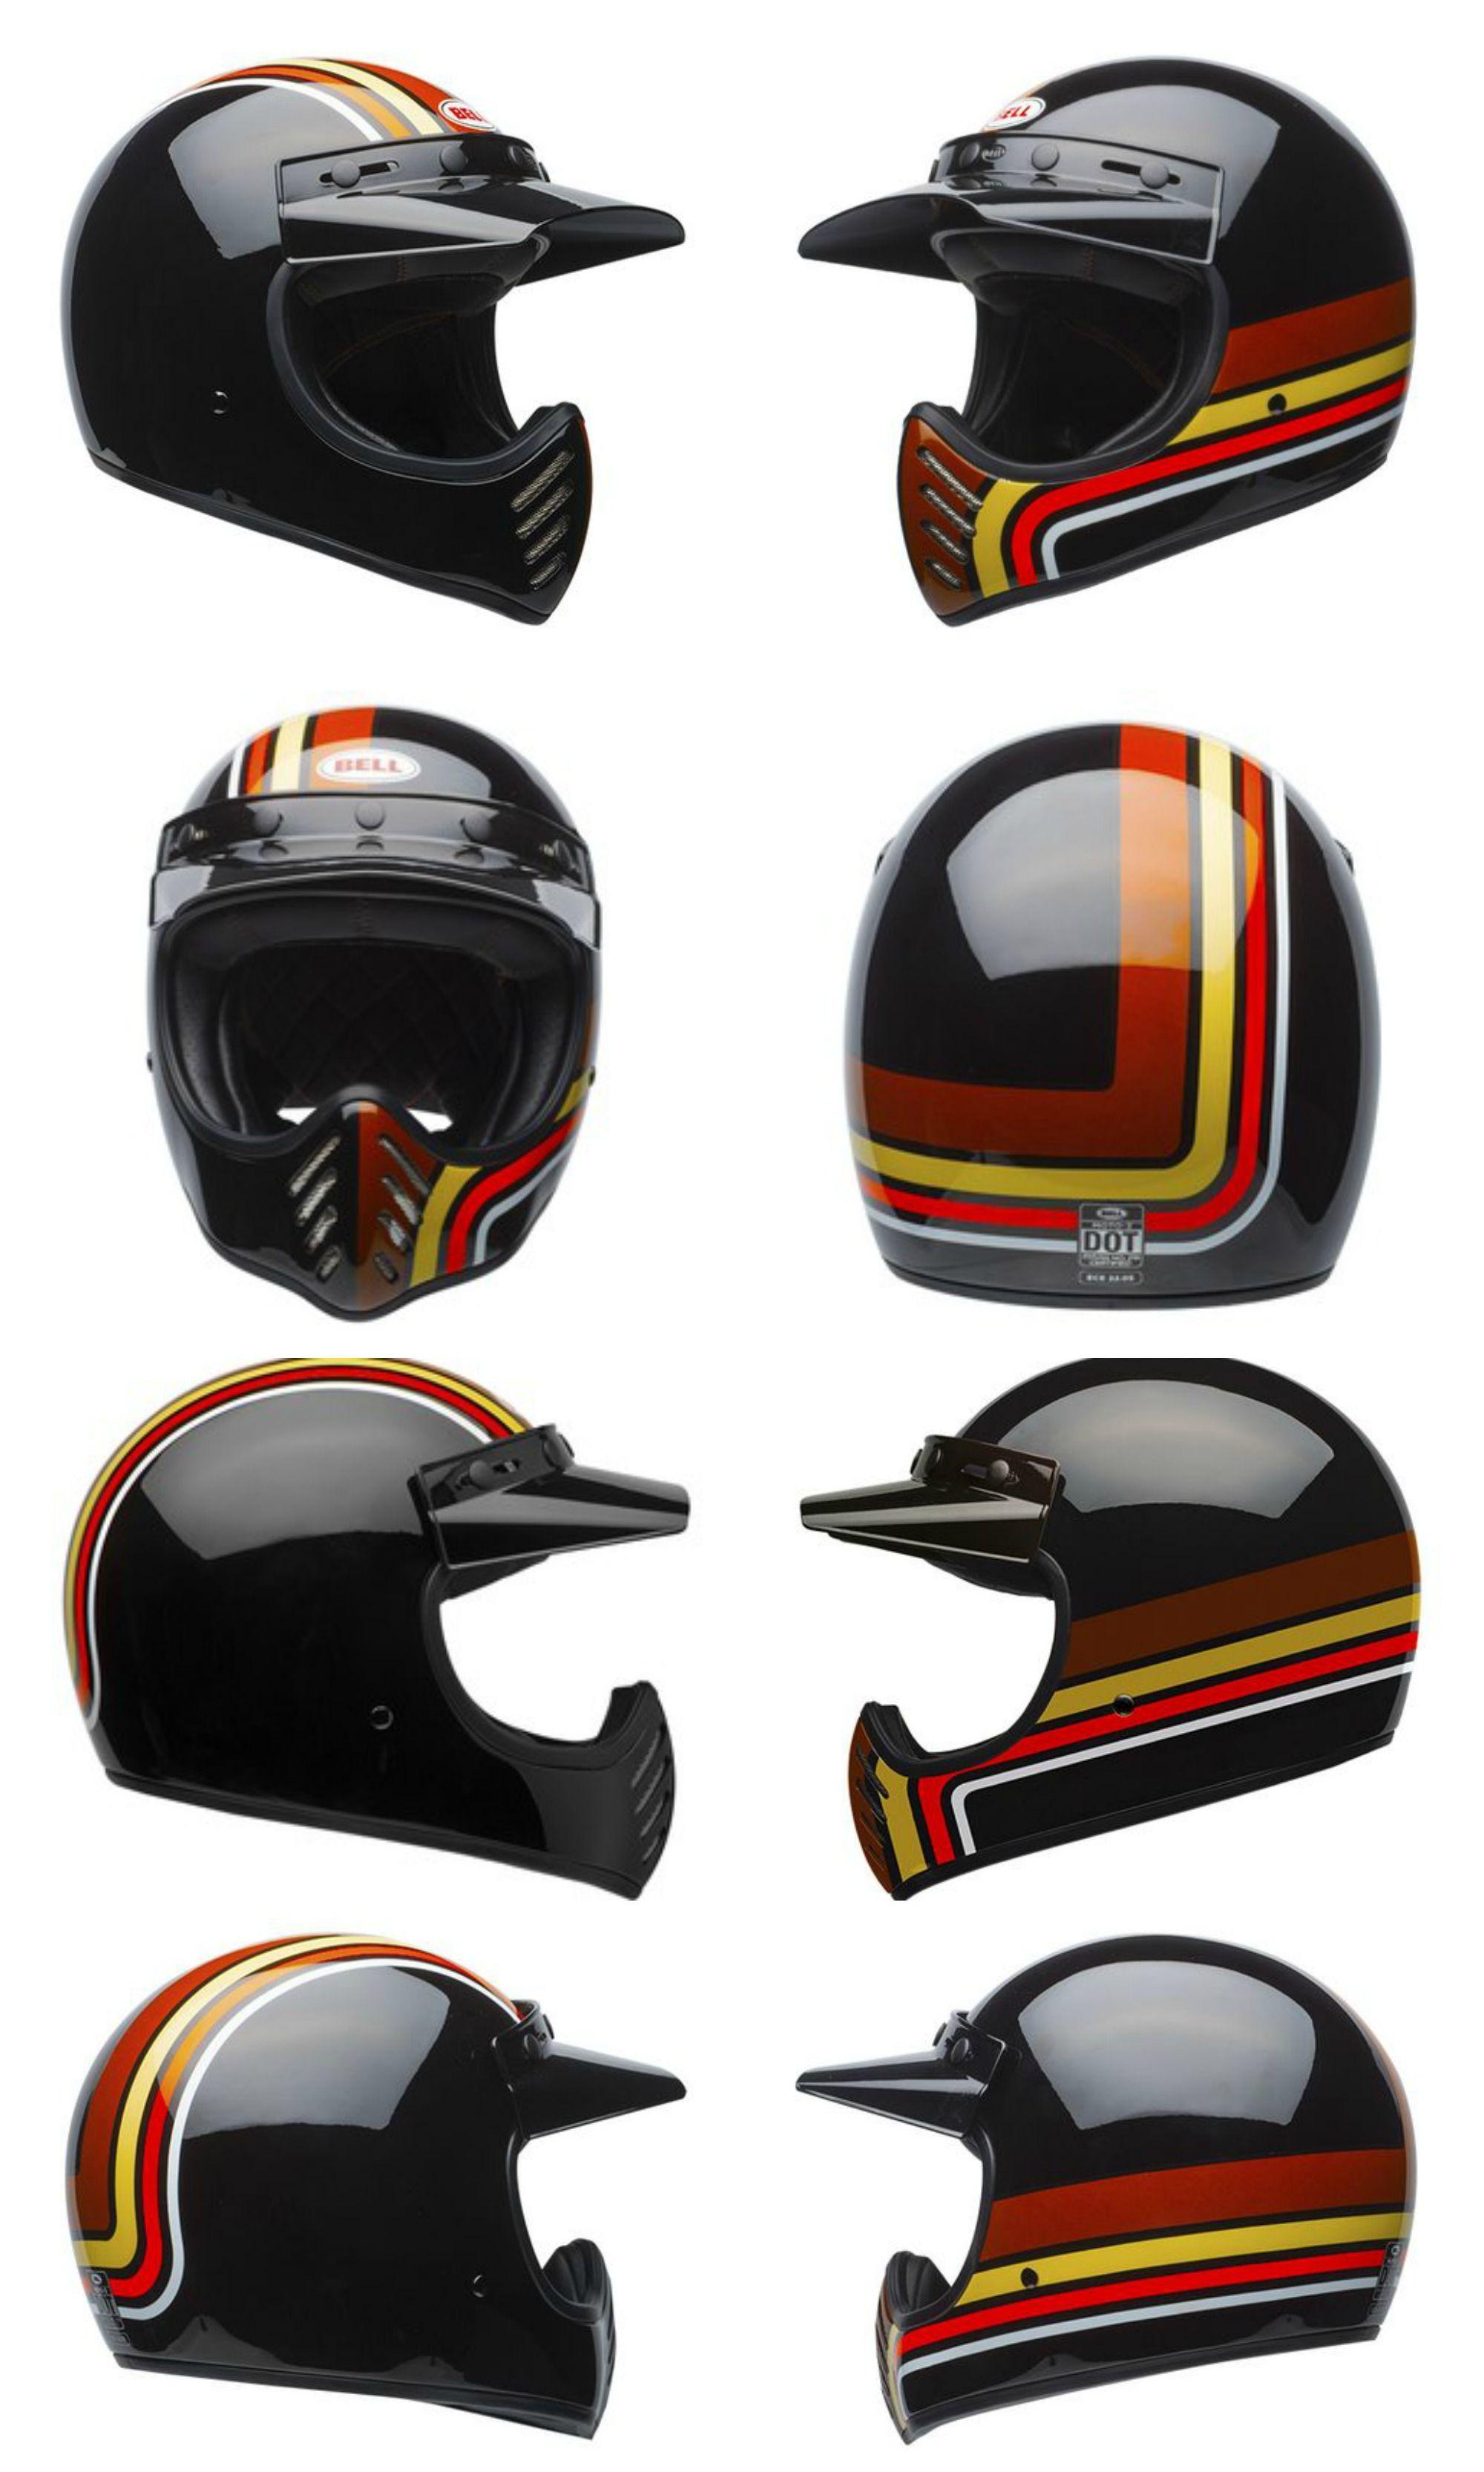 fbaa8186 Bell Stripes Adult Moto-3 Off-Road Motorcycle Helmet Review ...